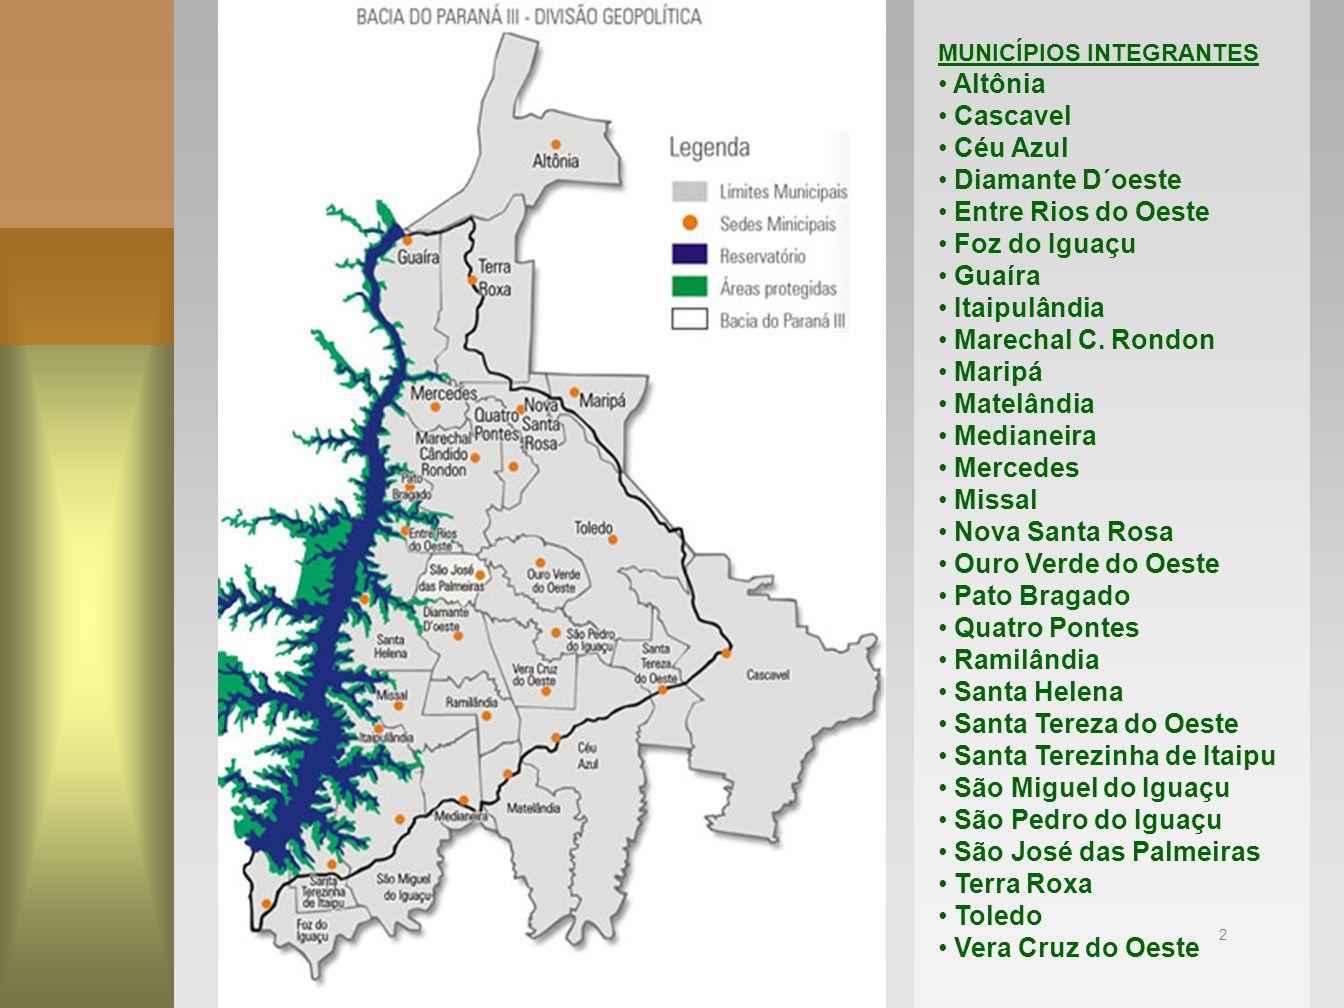 2 MUNICÍPIOS INTEGRANTES Altônia Cascavel Céu Azul Diamante D´oeste Entre Rios do Oeste Foz do Iguaçu Guaíra Itaipulândia Marechal C. Rondon Maripá Ma